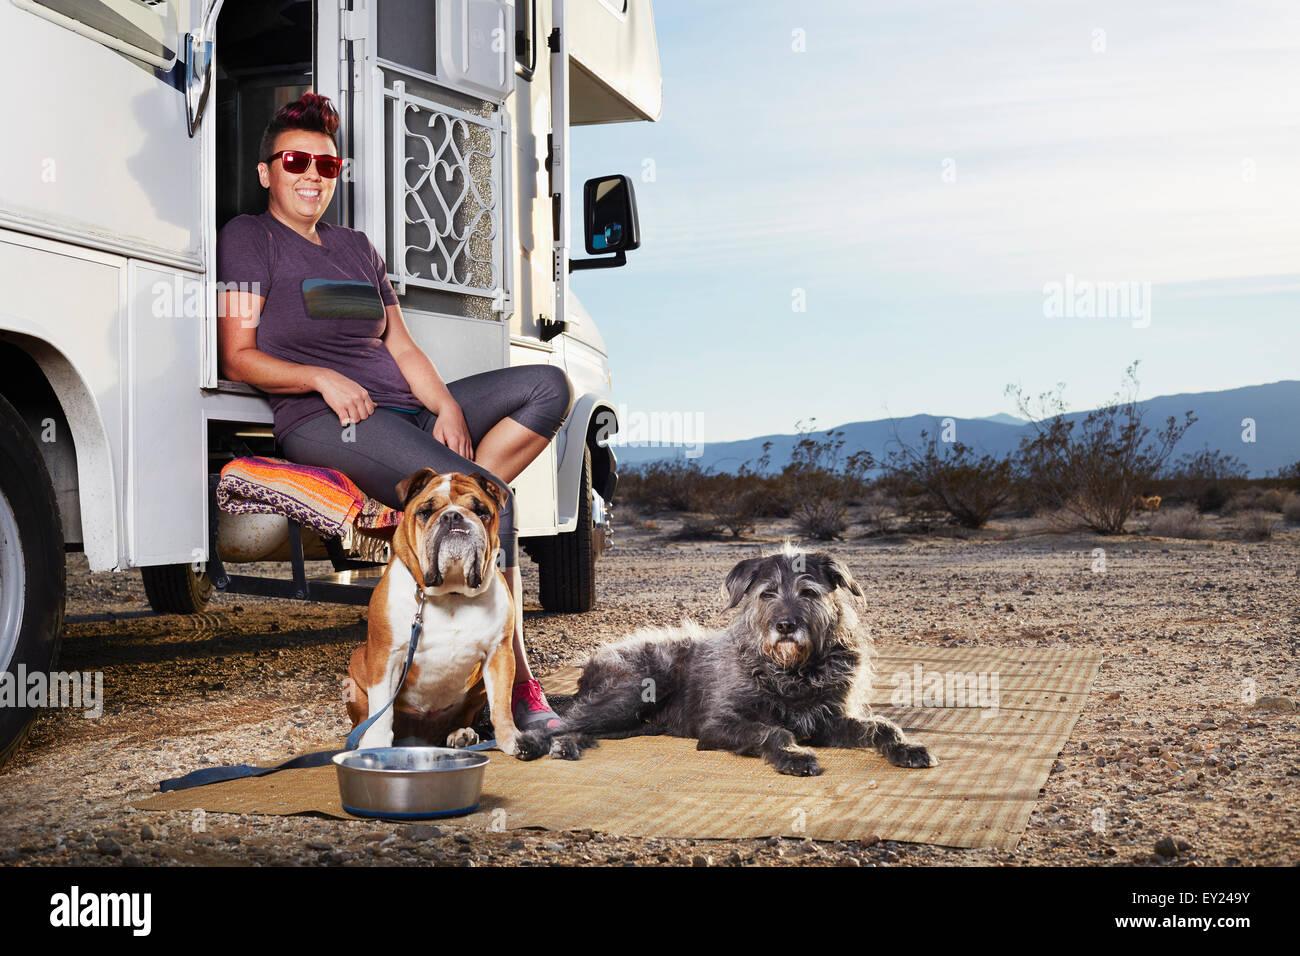 Porträt von Mitte Erwachsene Frau und seinen zwei Hunden sitzt auf Camper van Schritt, Borrego Springs, Kalifornien, Stockbild